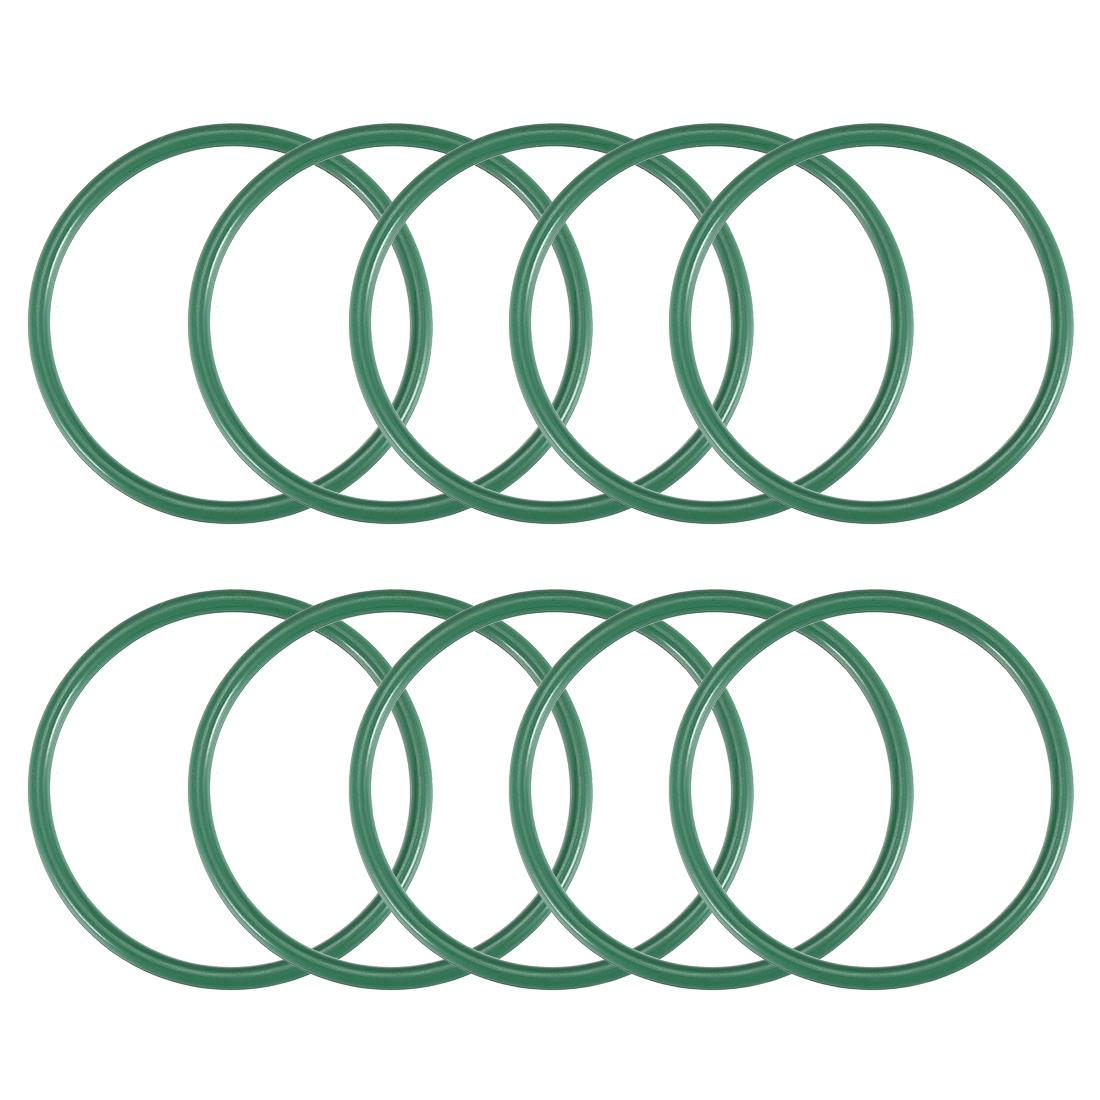 10 Stück Fluorkautschuk O-Ringe  19-37mm Innendurchm 2mm breit Dichtung grün